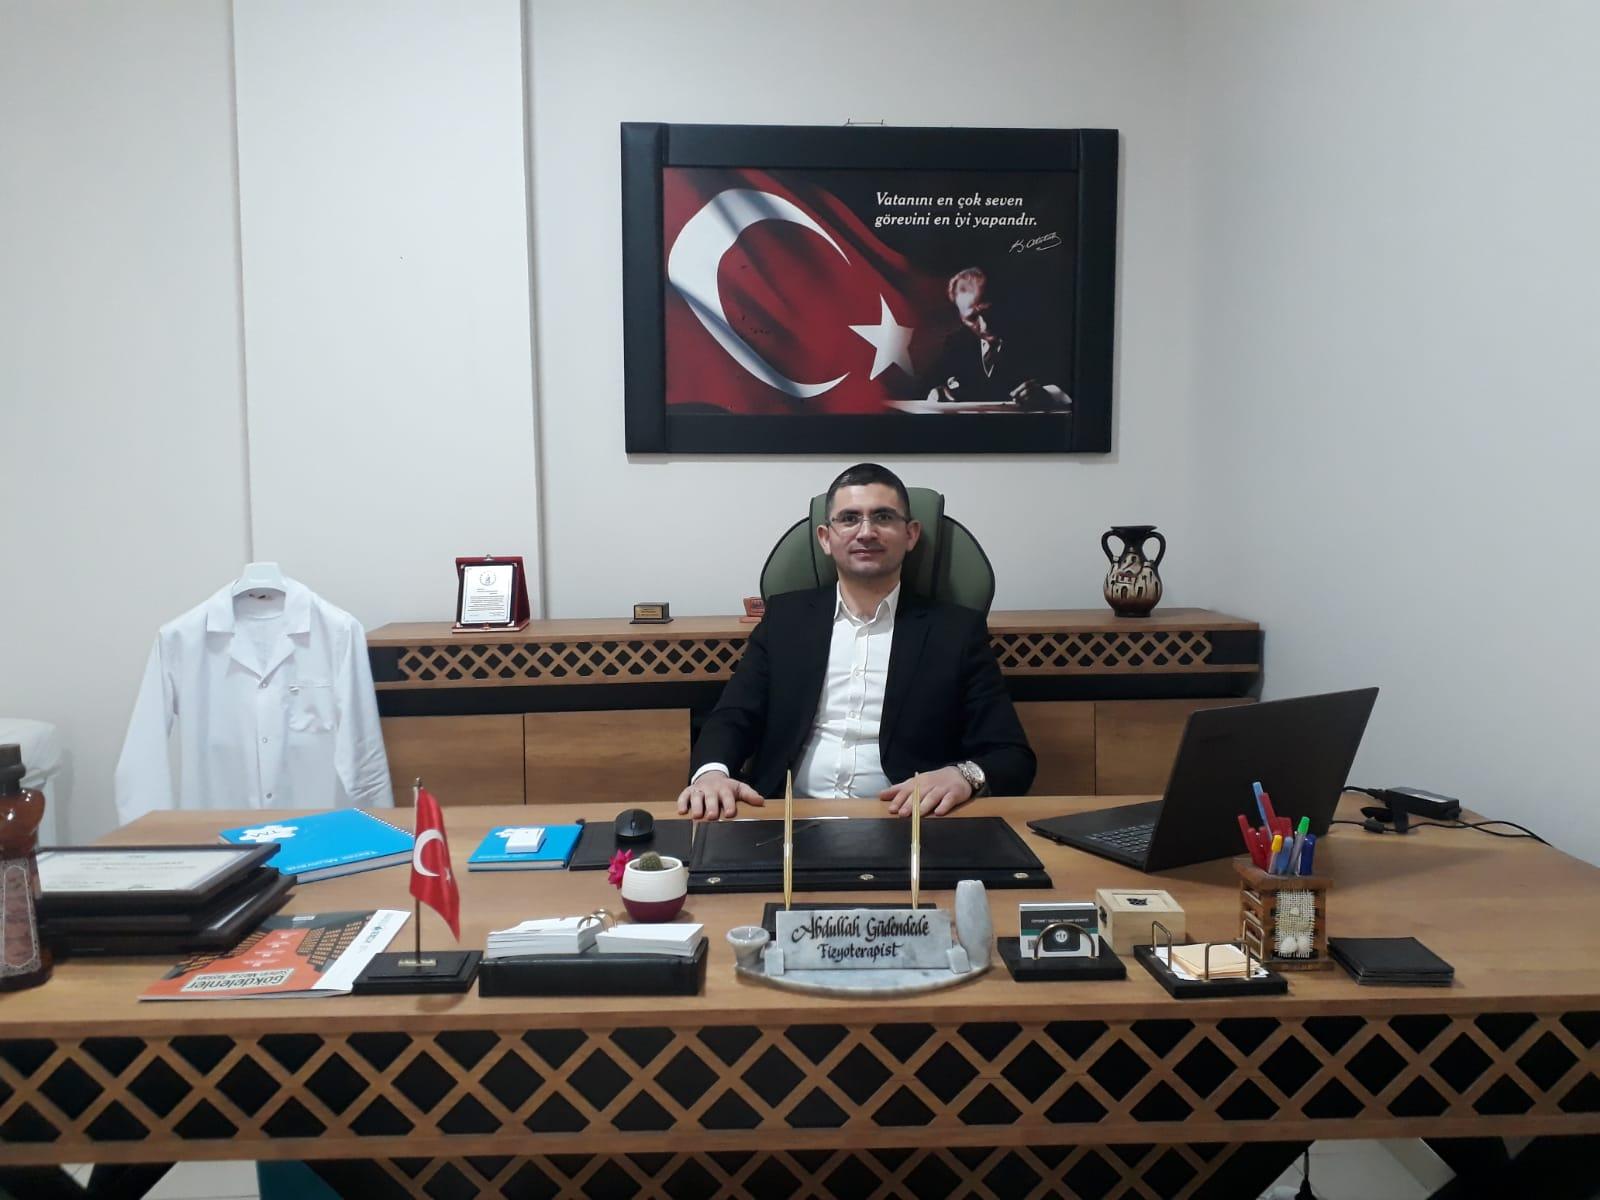 Ünlü Fizyoterapist Abdullah Güdendede'den Soğuk Hava Uyarısı